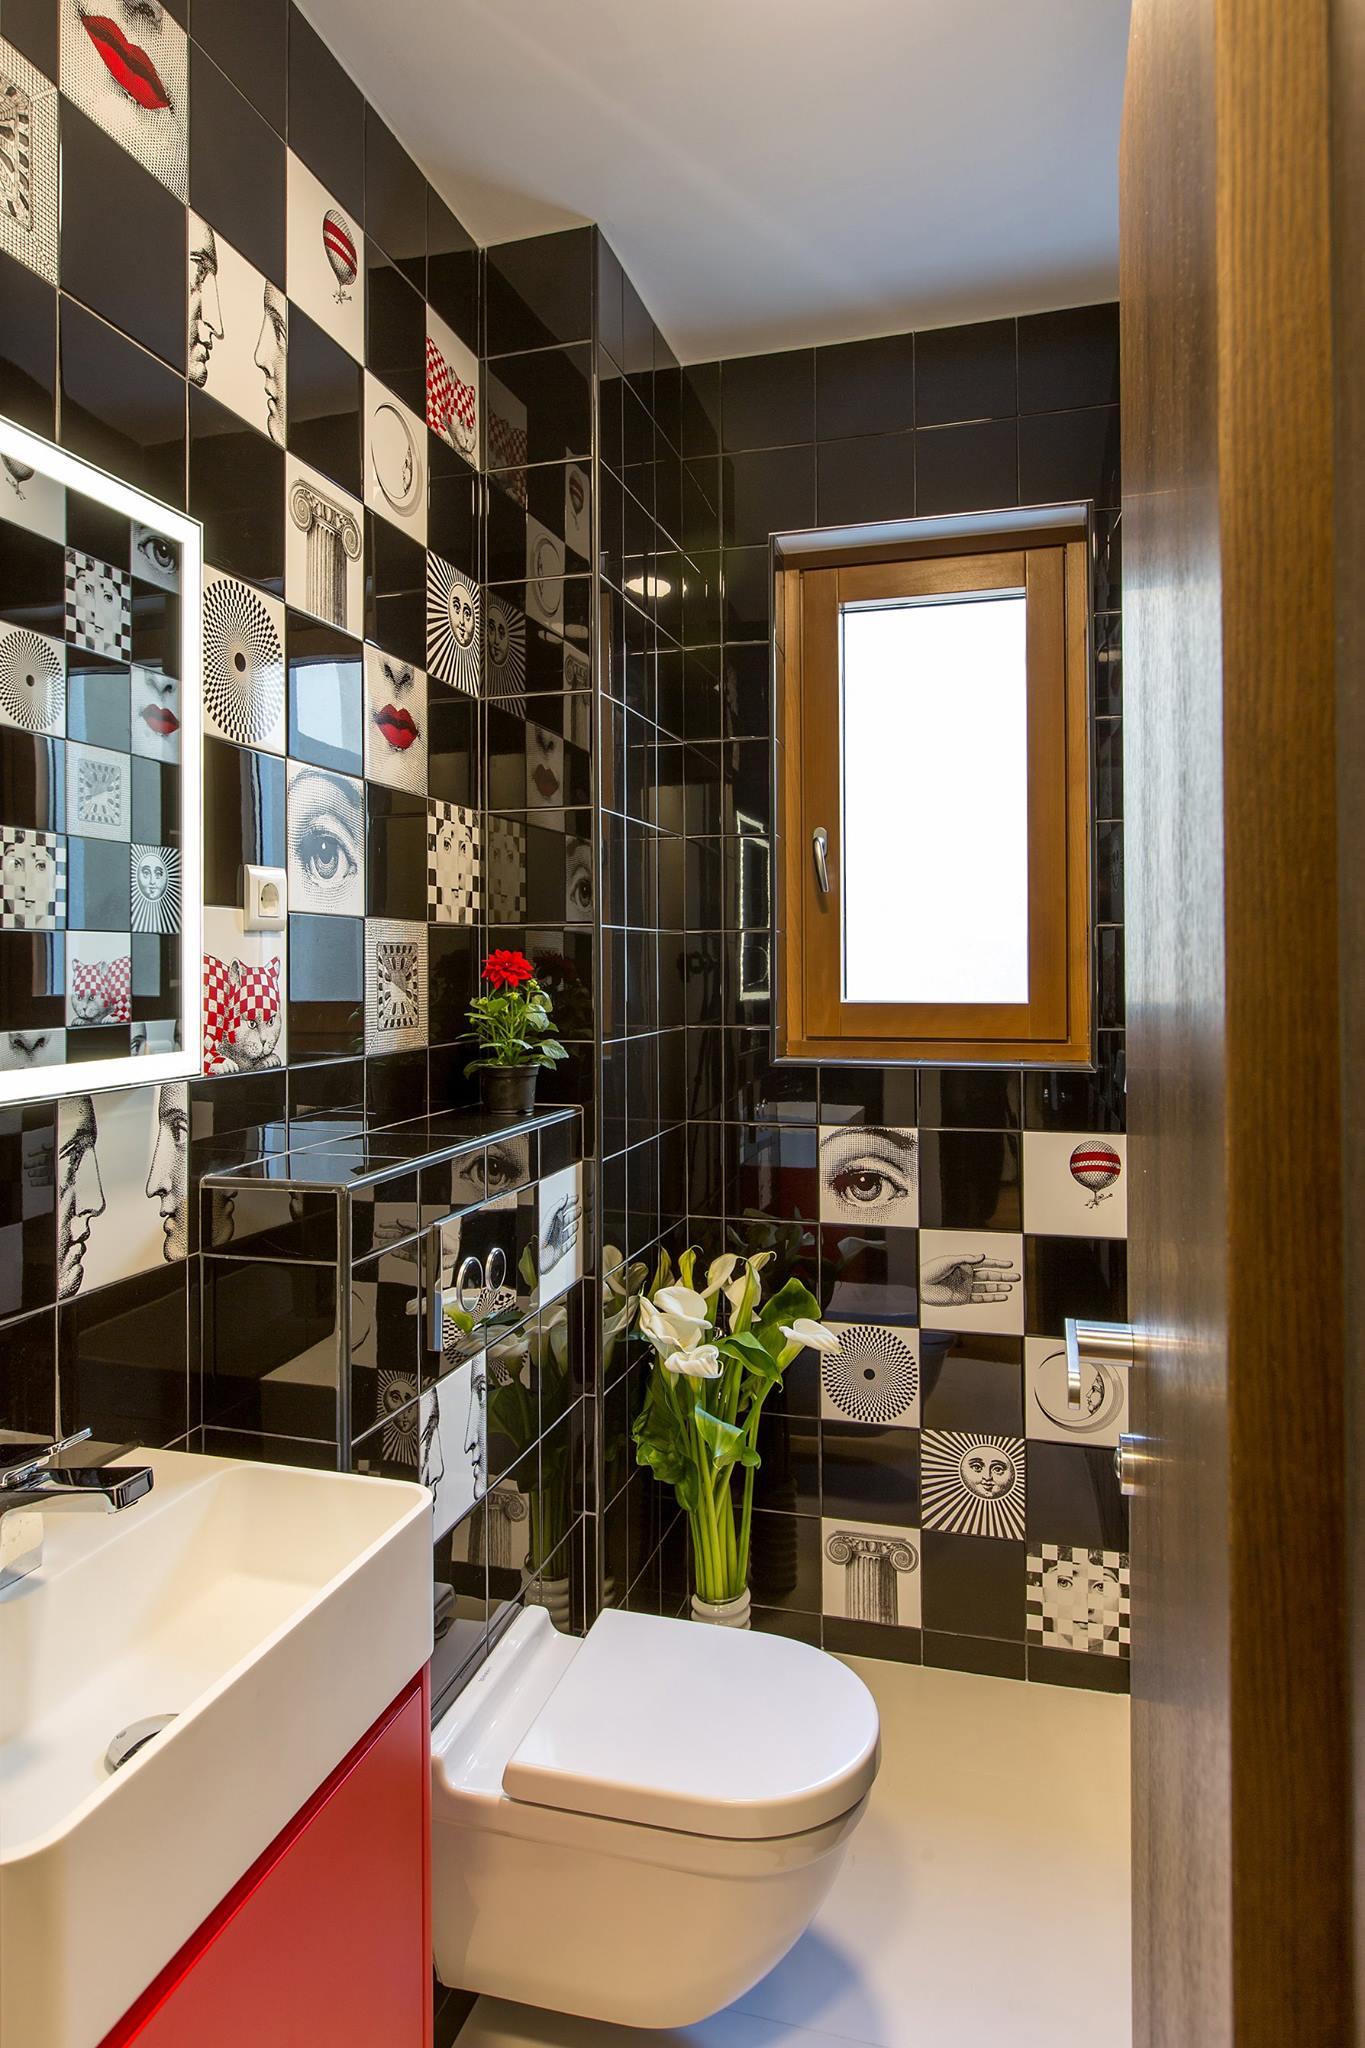 bagno artistico alba luxury apartments spalato arredobagno ideagroup ...